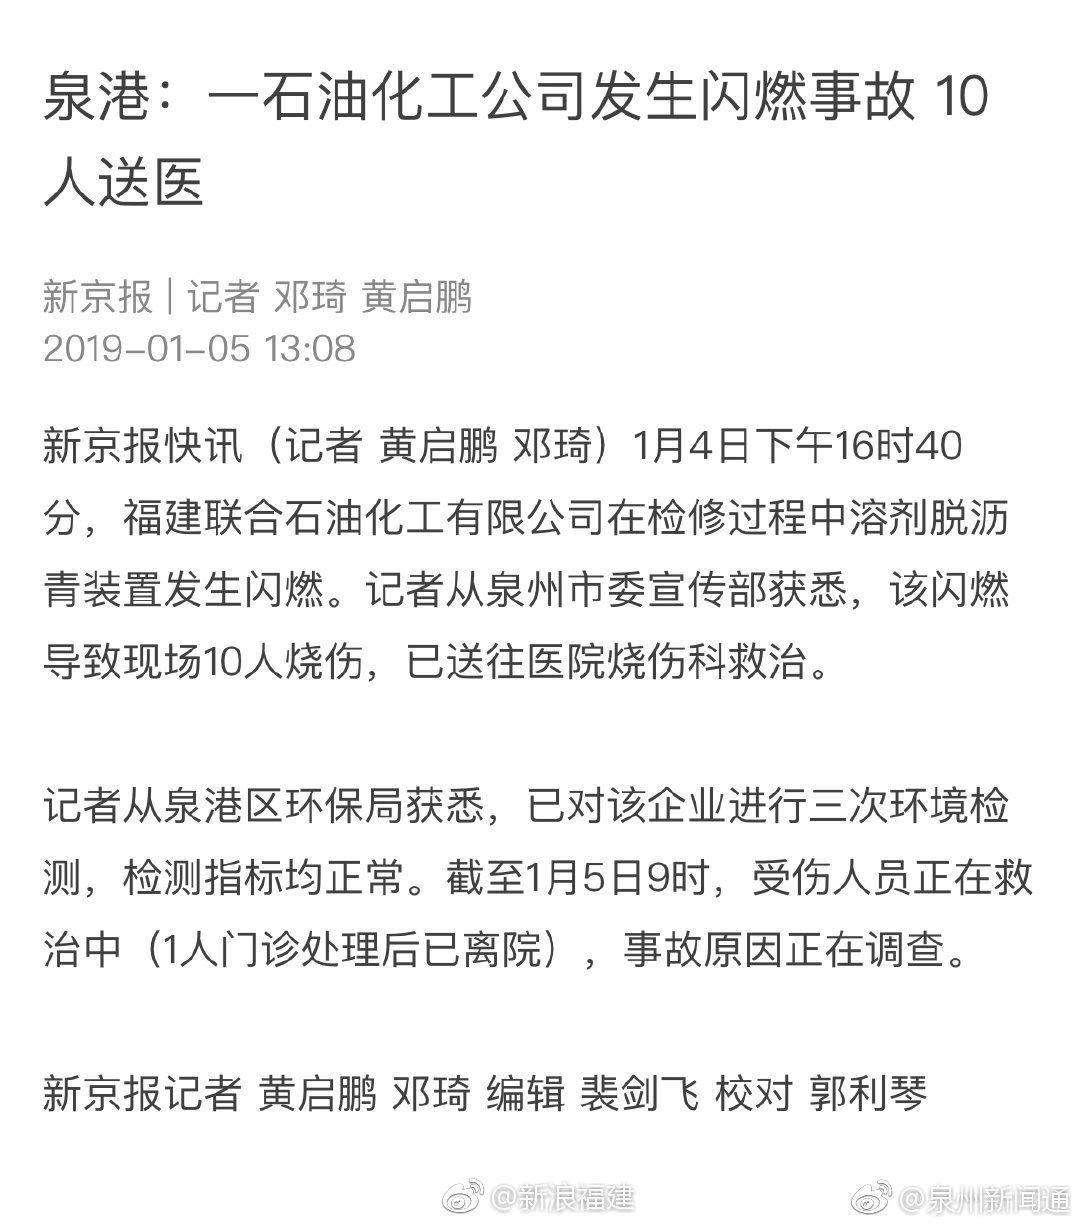 泉港:一石油化工公司发生闪燃事故 10人送医